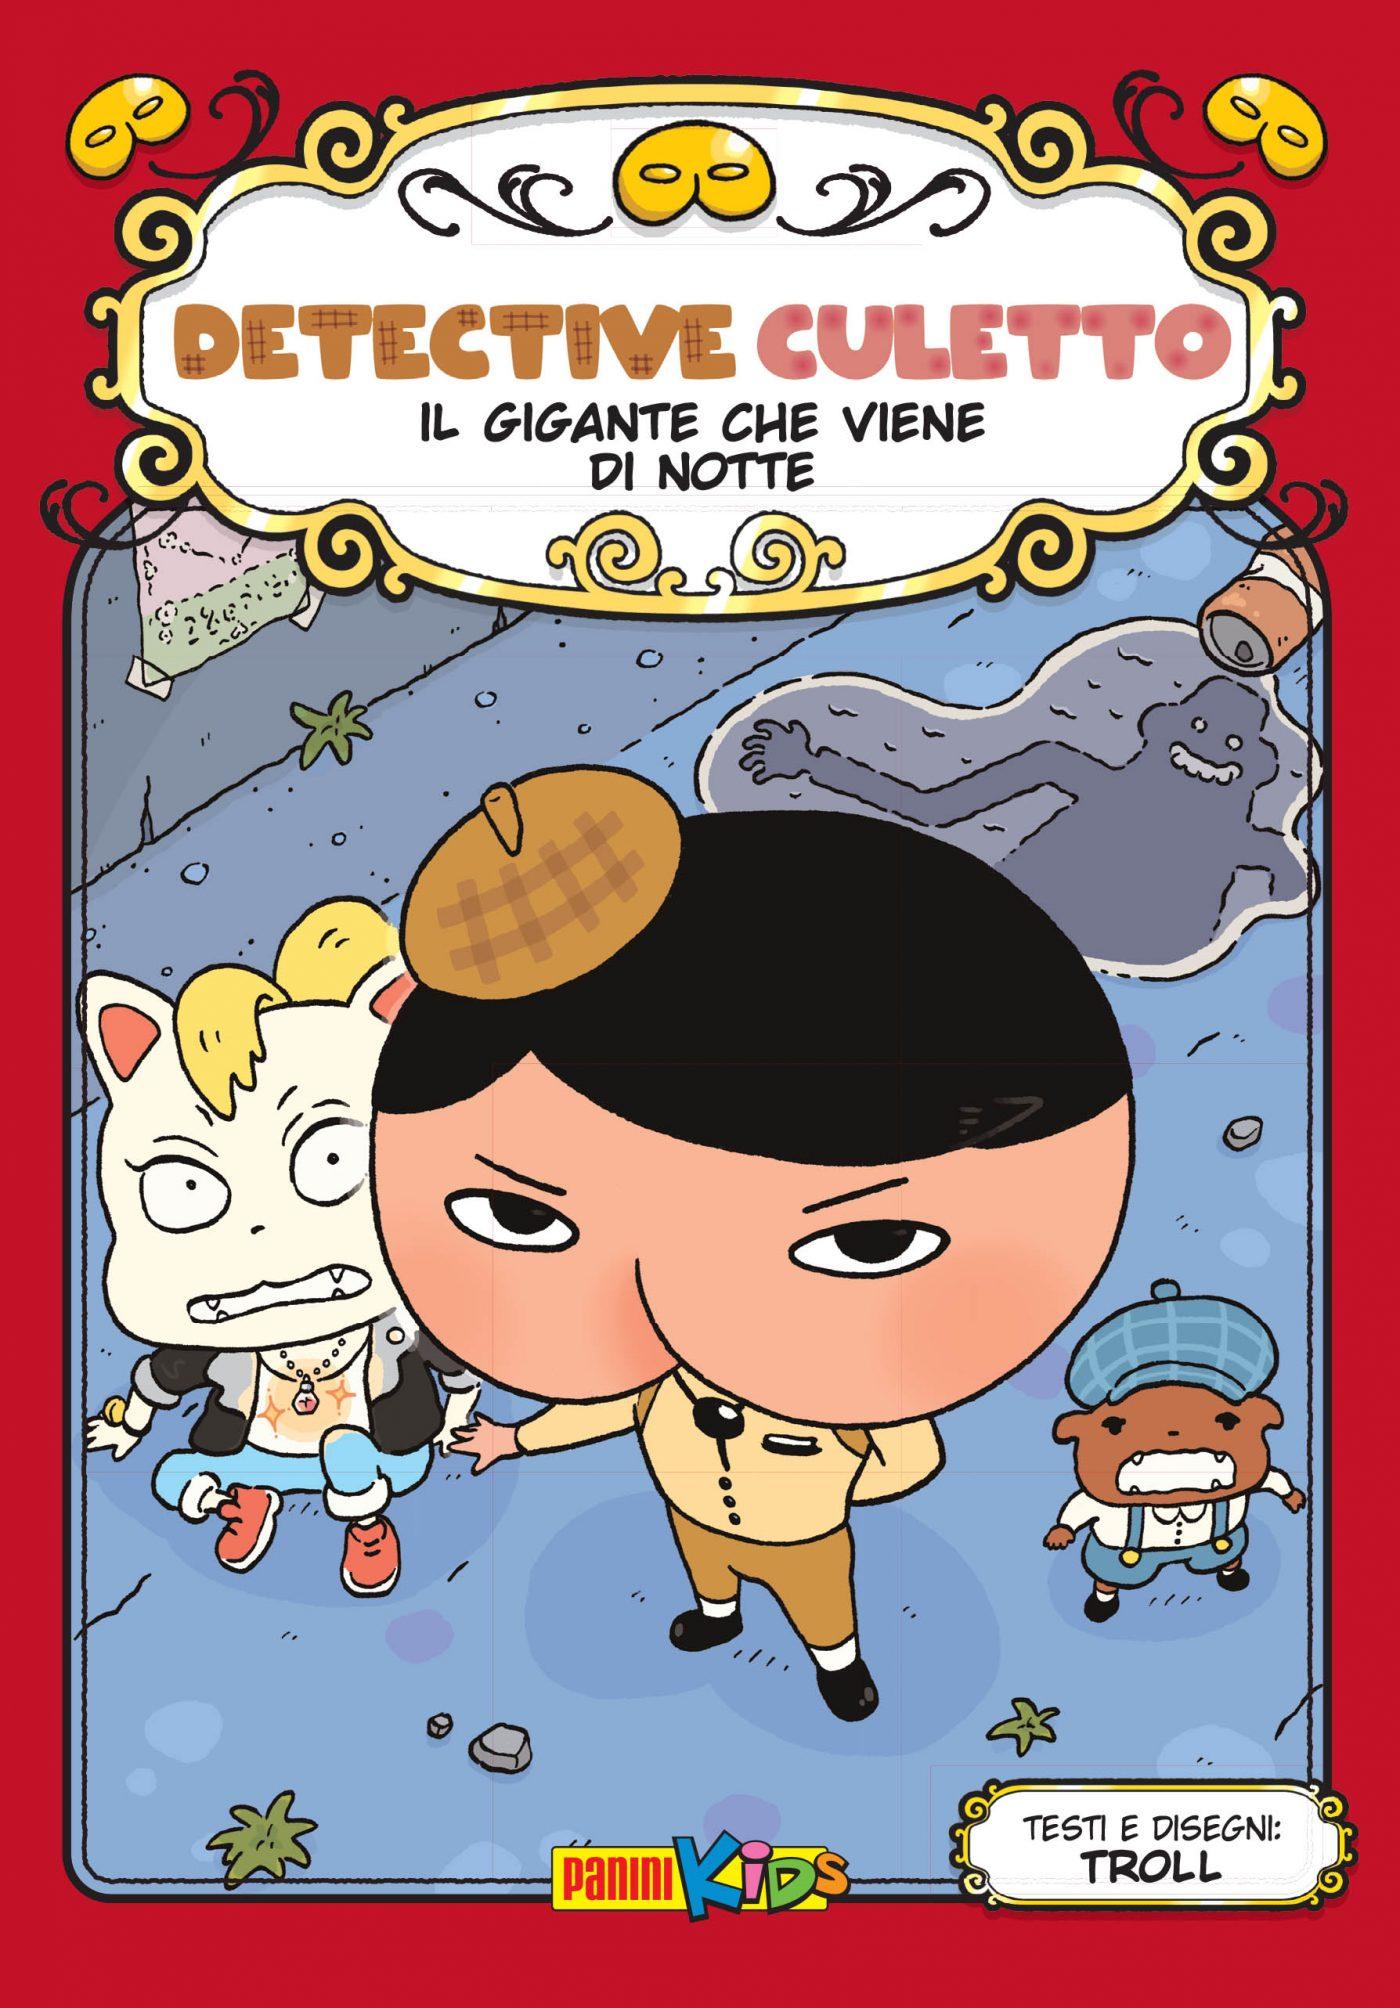 Detective Culetto vol. 2, copertina